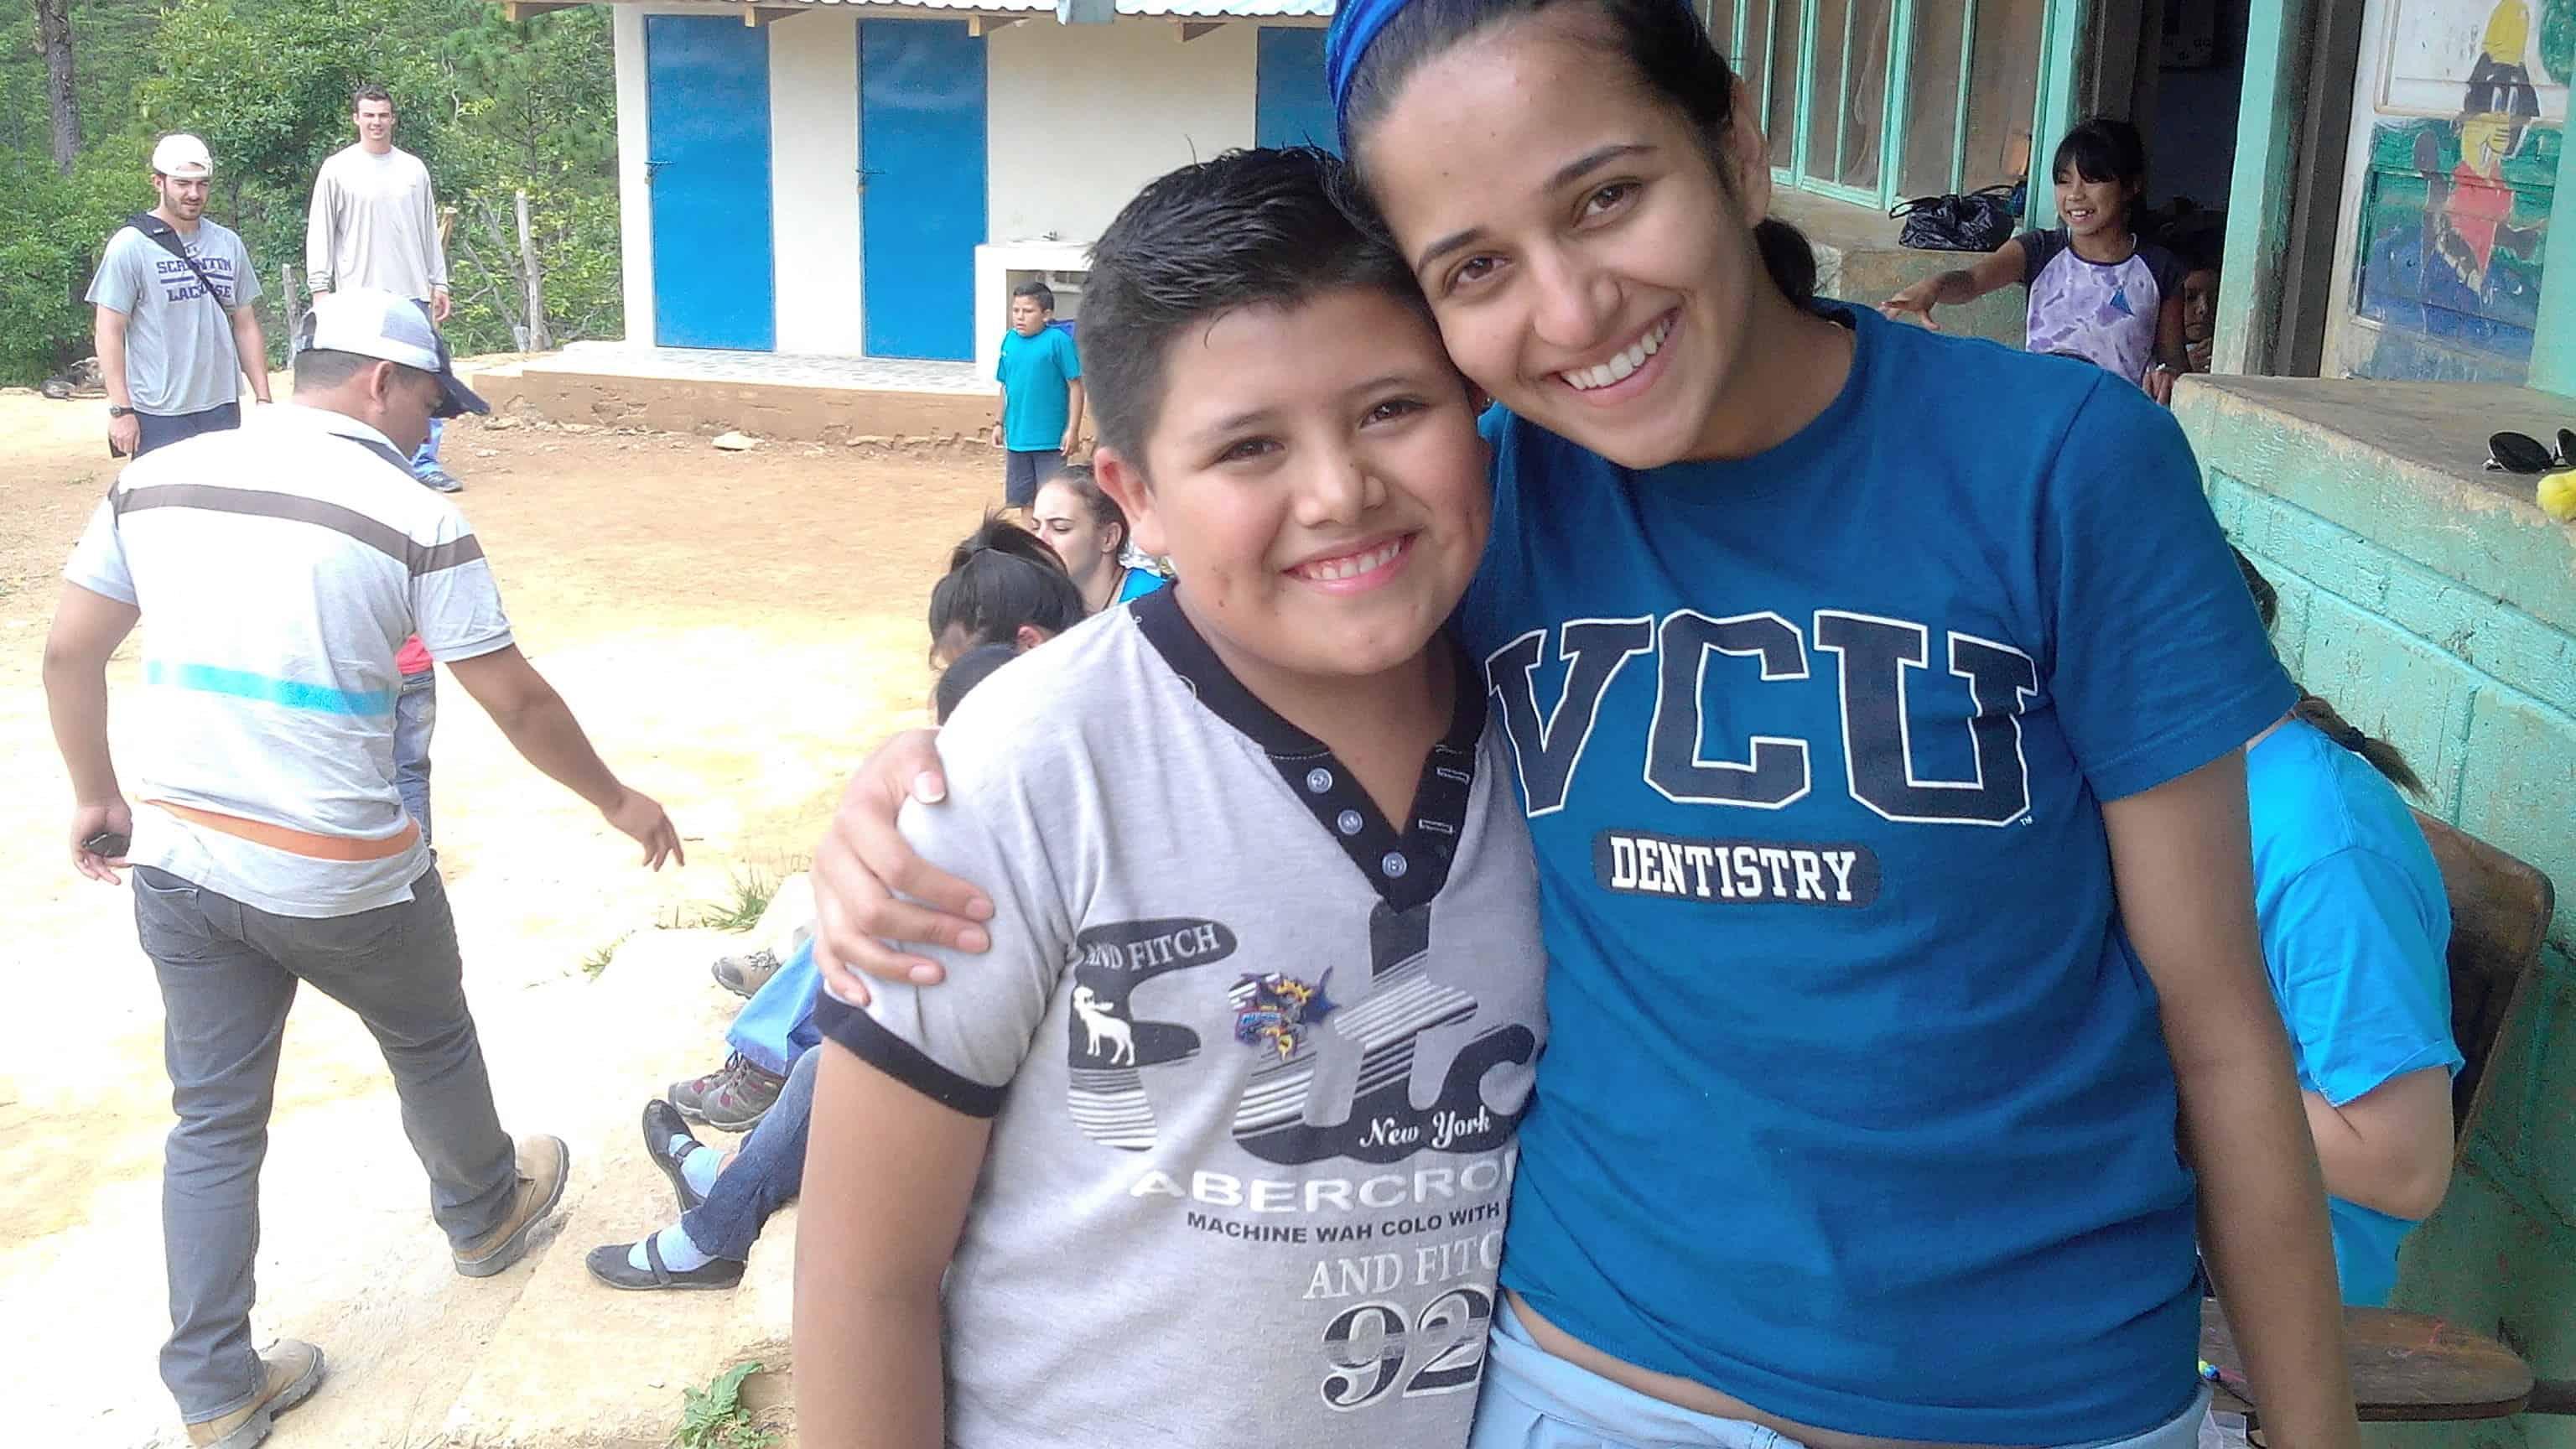 Brigade Member with Happy Kid at Portillo de Norte